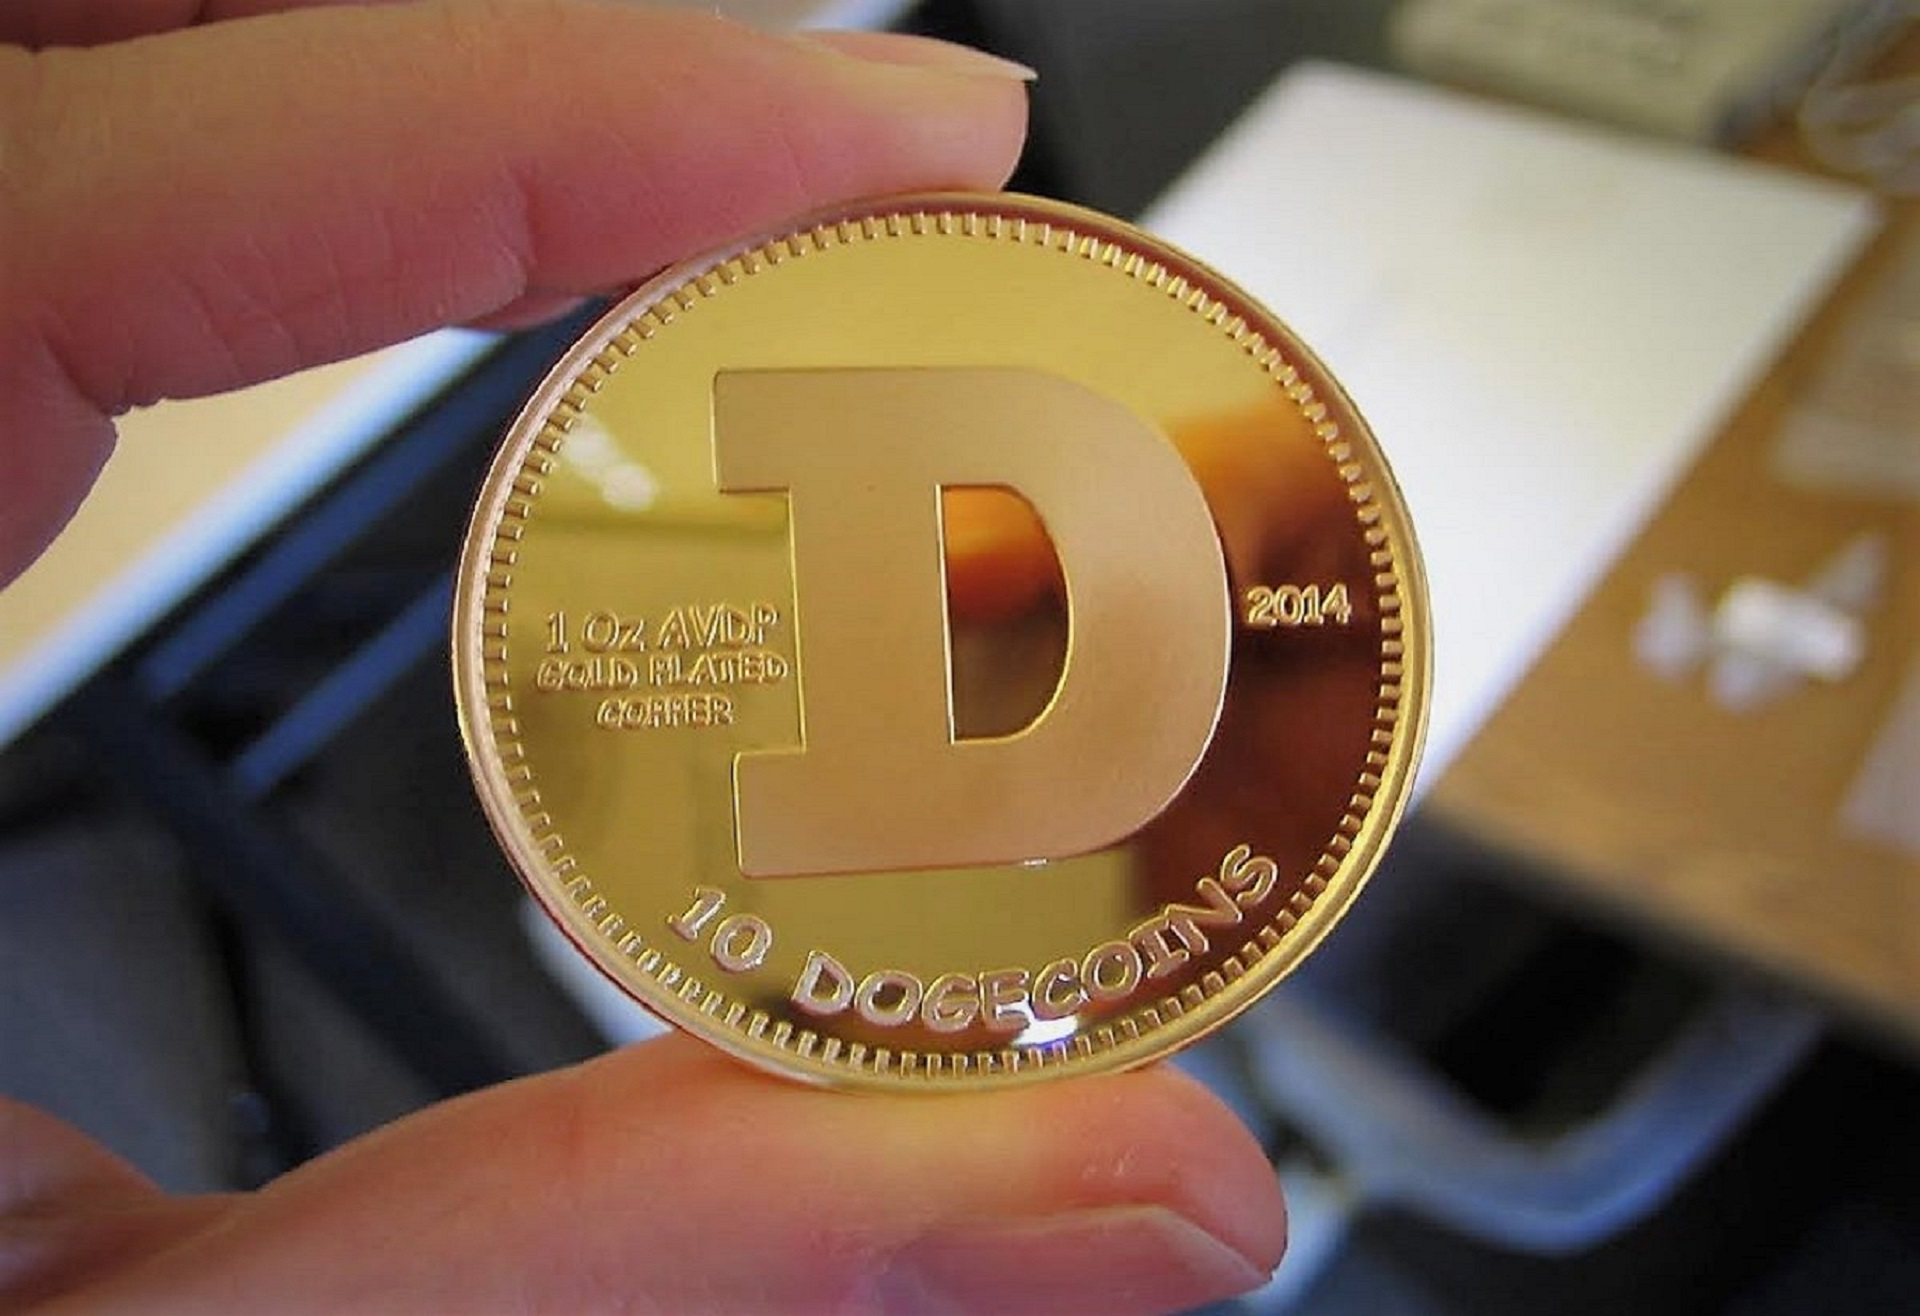 Прогноз криптовалюты Dogecoin на 2022 года и обзор